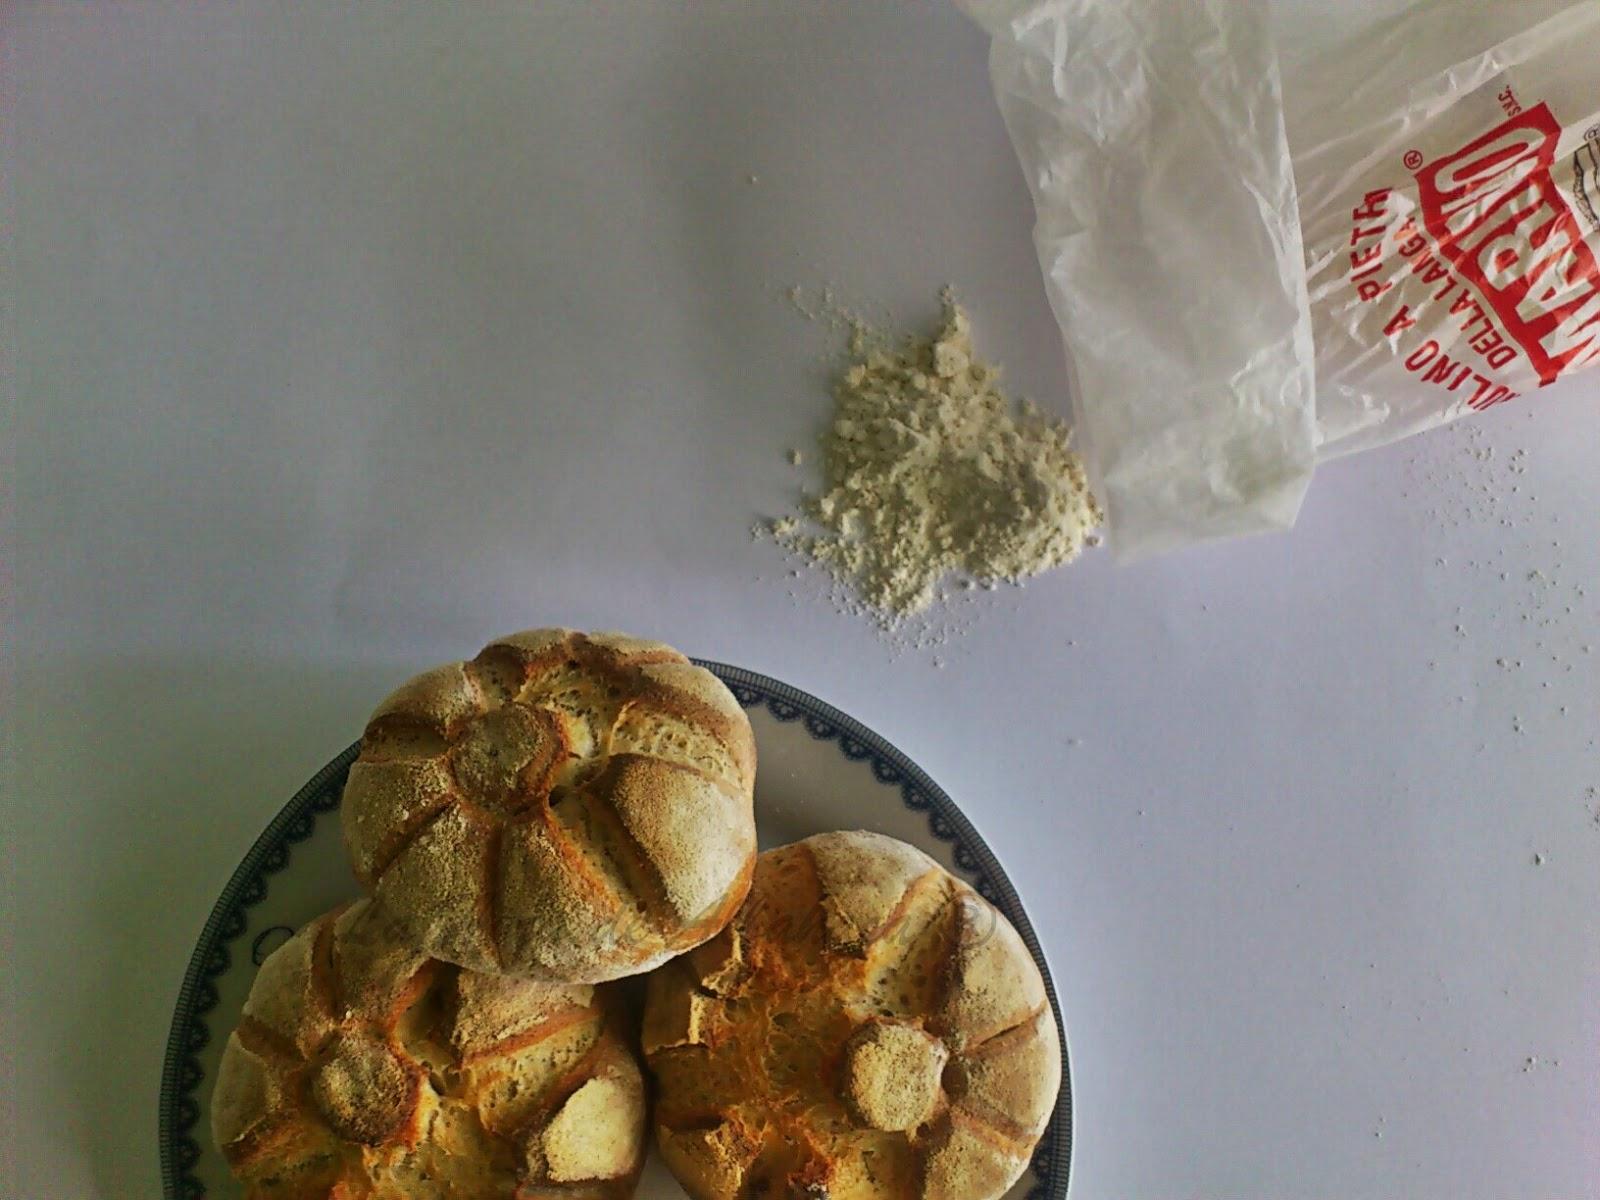 michetta, pan italiano, harina00, rosetta